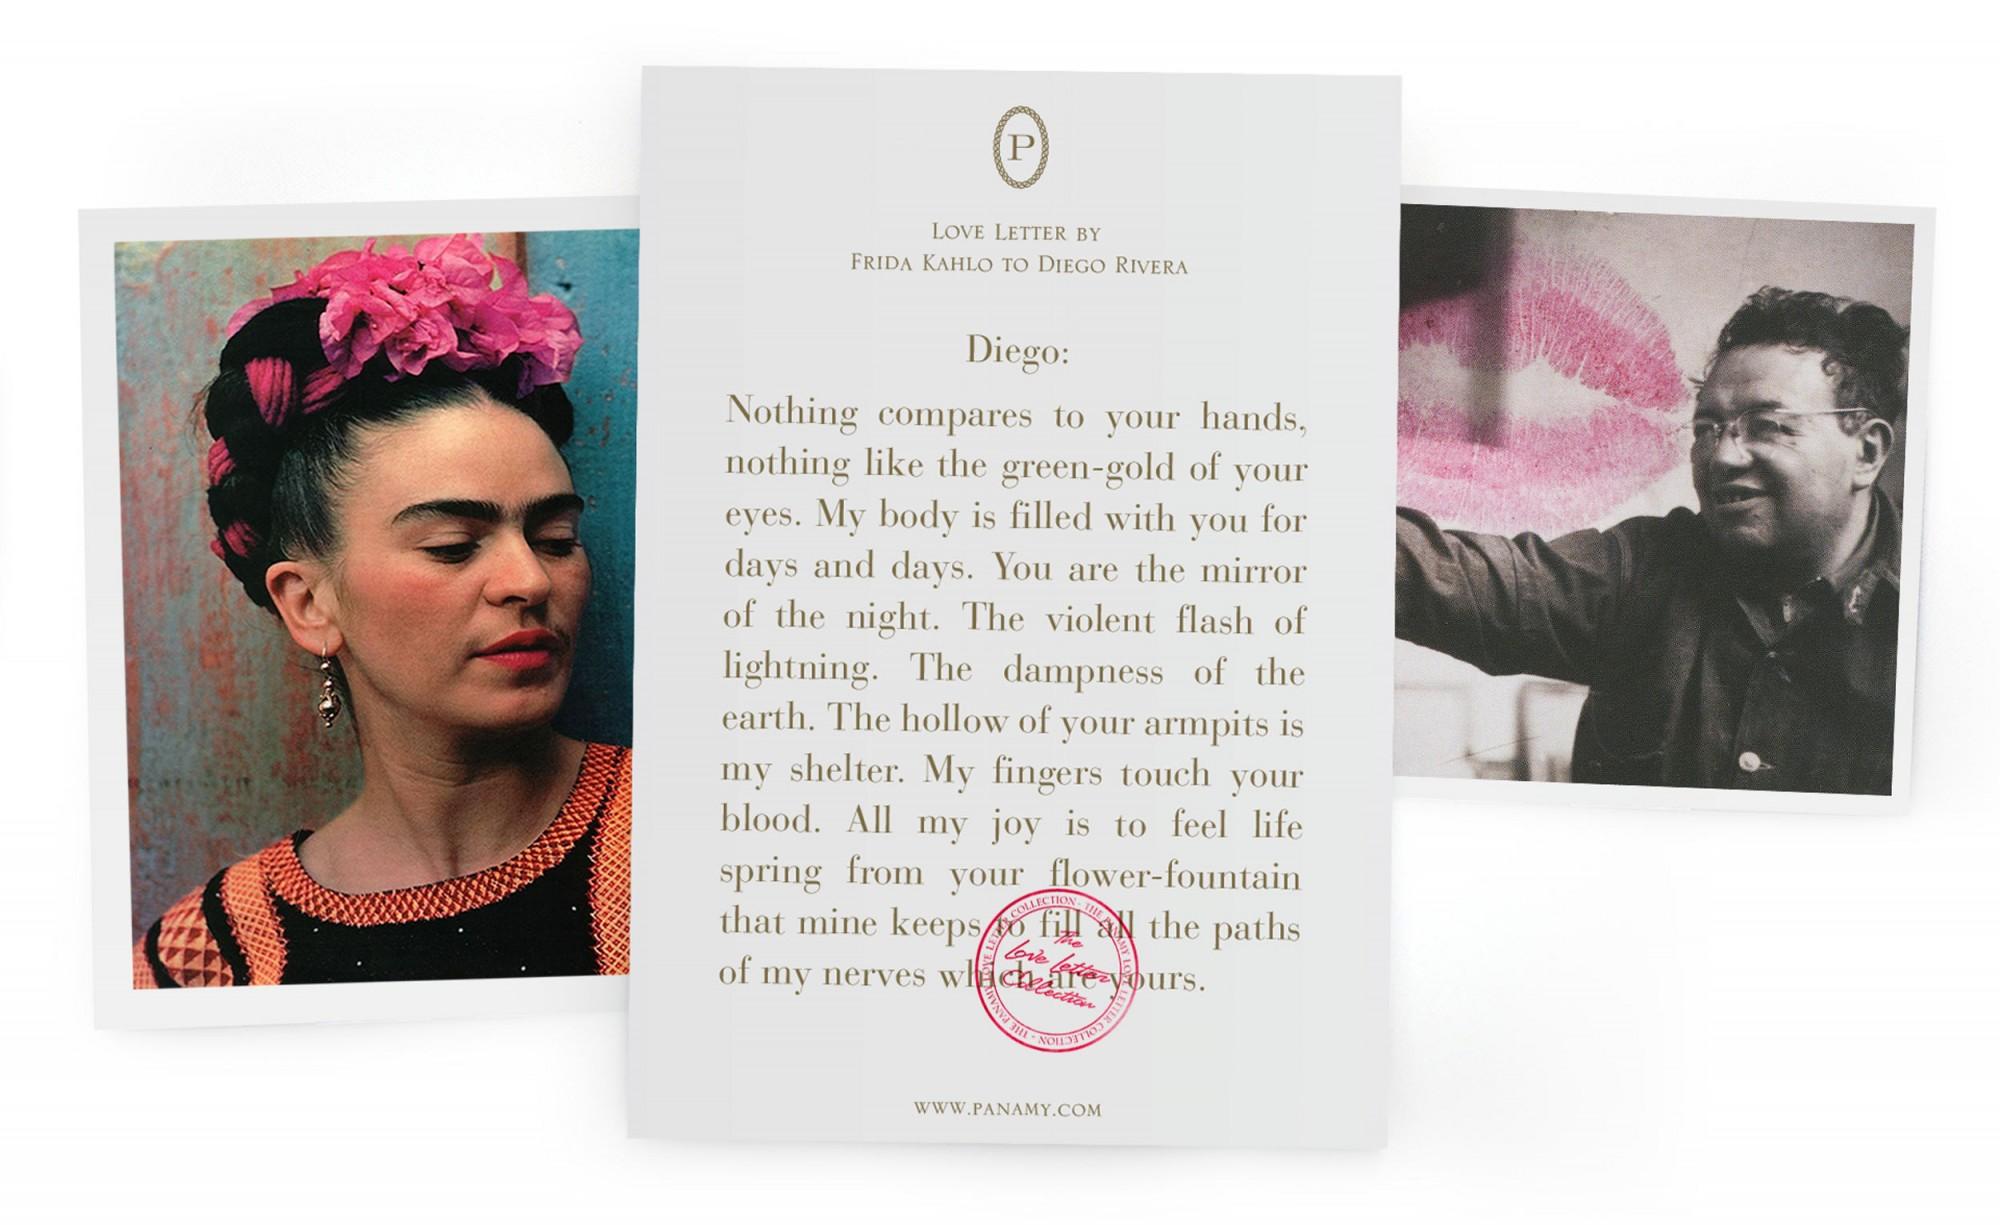 Frida Kahlo & Diego Rivera - Der Valentins Tag Führer - PANAMY Blumen versenden in der Schweiz, Lieferung in Zürich, Basel, Bern, St Gallen, Zug